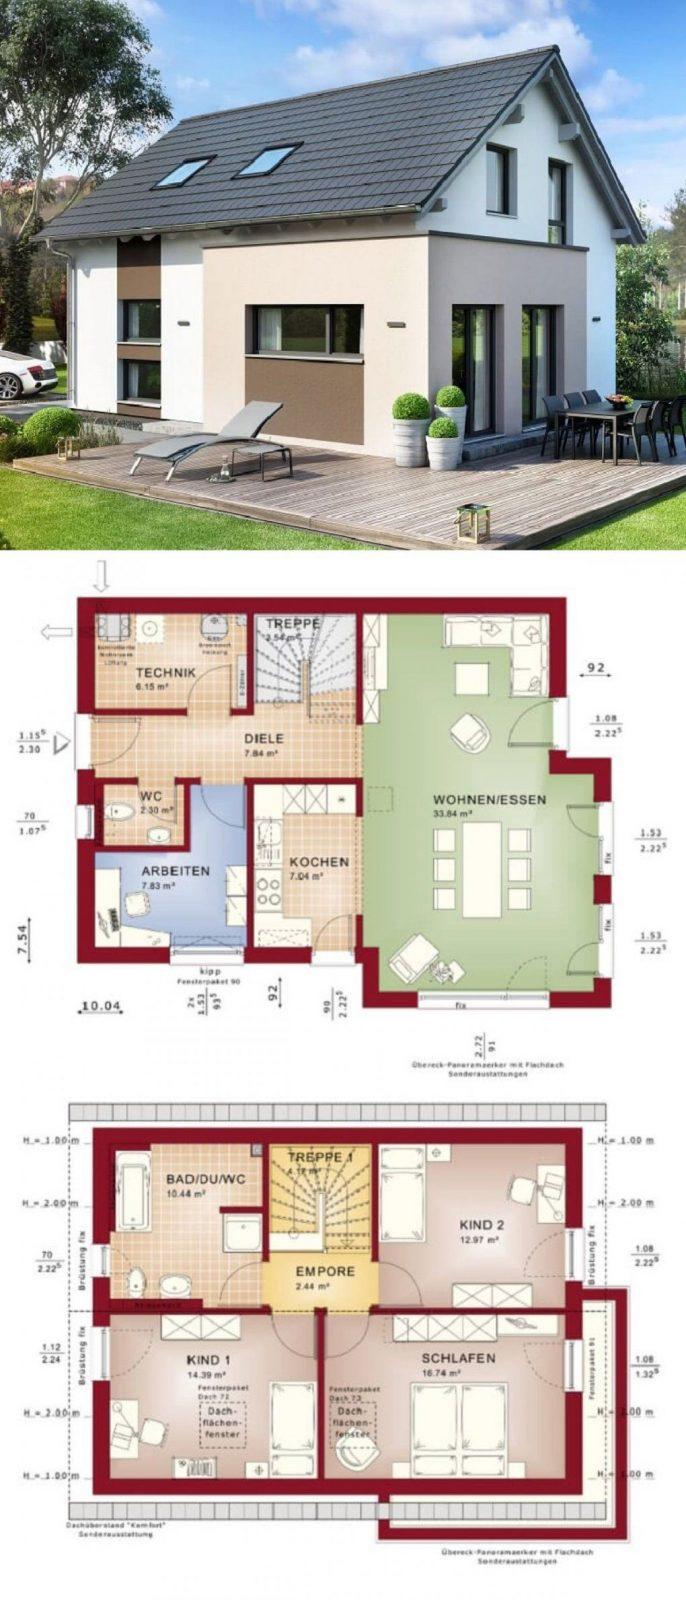 Einfamilienhaus Neubau Klassisch Mit Satteldach Architektur & Erker von Bien Zenker Edition 1 Bild